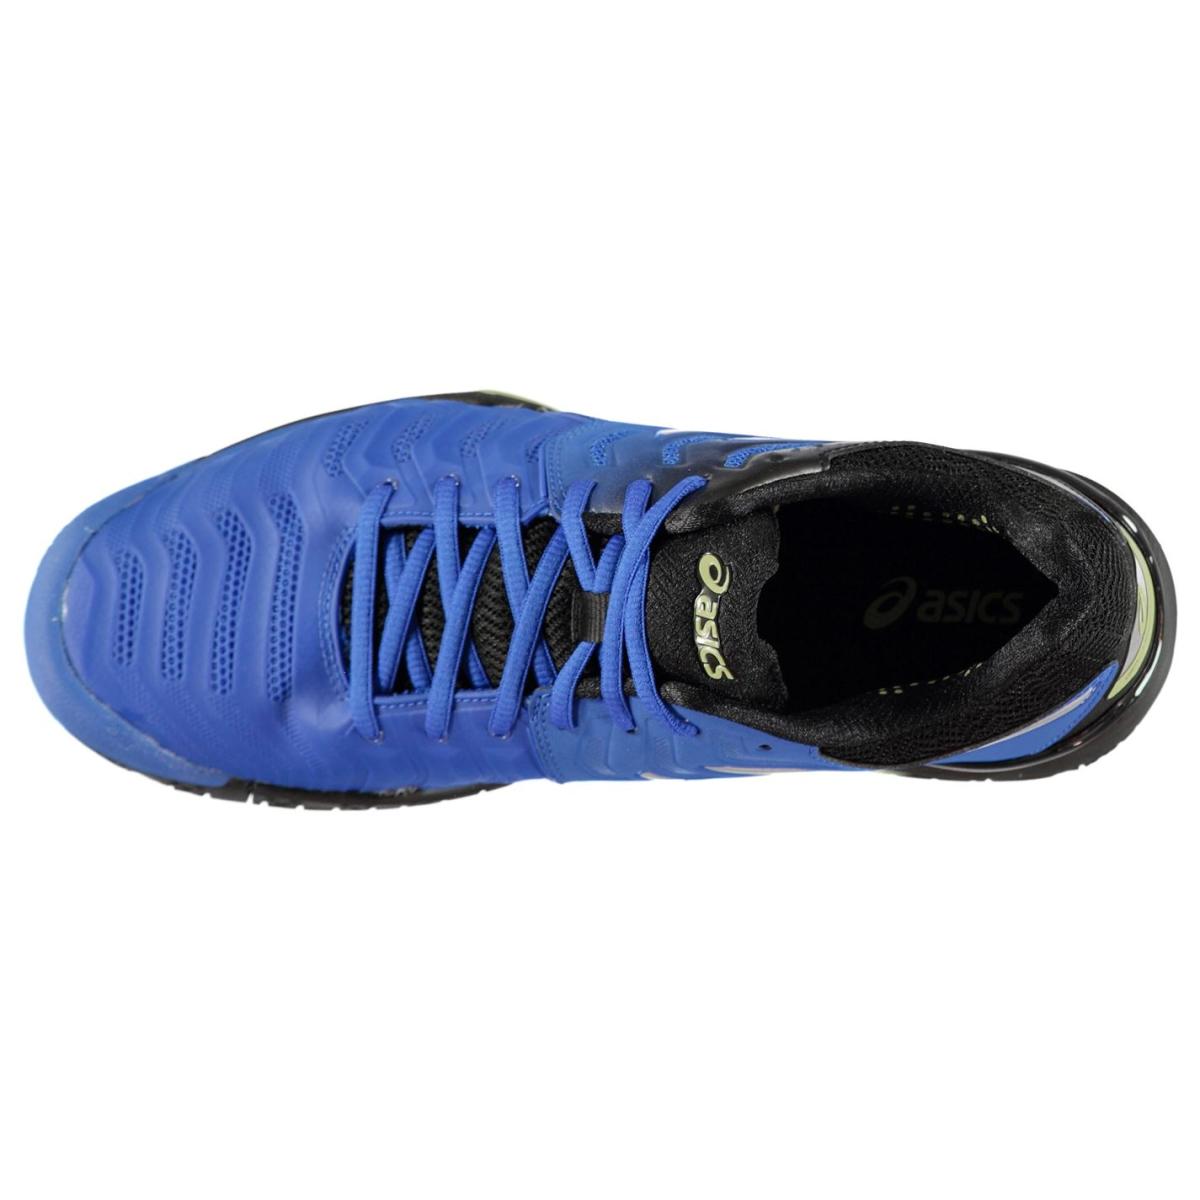 Details zu Asics Gel Resolution 7 Turnschuhe Tennisschuhe Herren Tennis Schuhe Sneakers 202